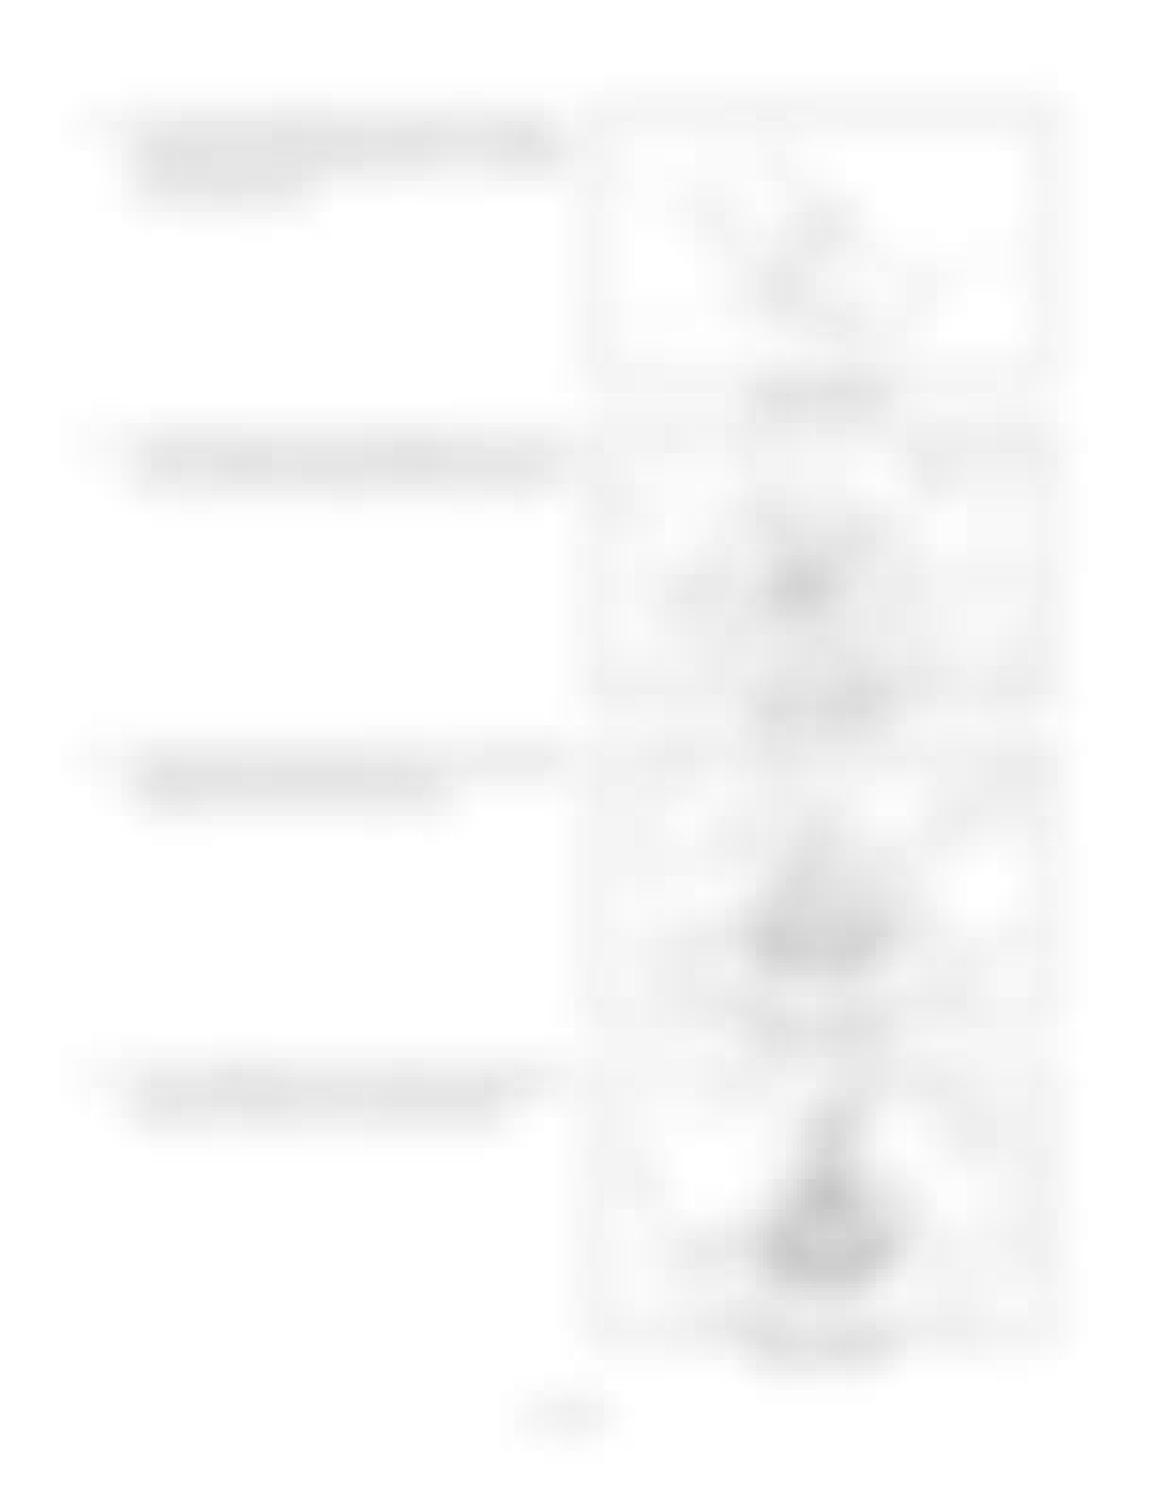 Hitachi LX110-7 LX130-7 LX160-7 LX190-7 LX230-7 Wheel Loader Workshop Manual - PDF DOWNLOAD page 76